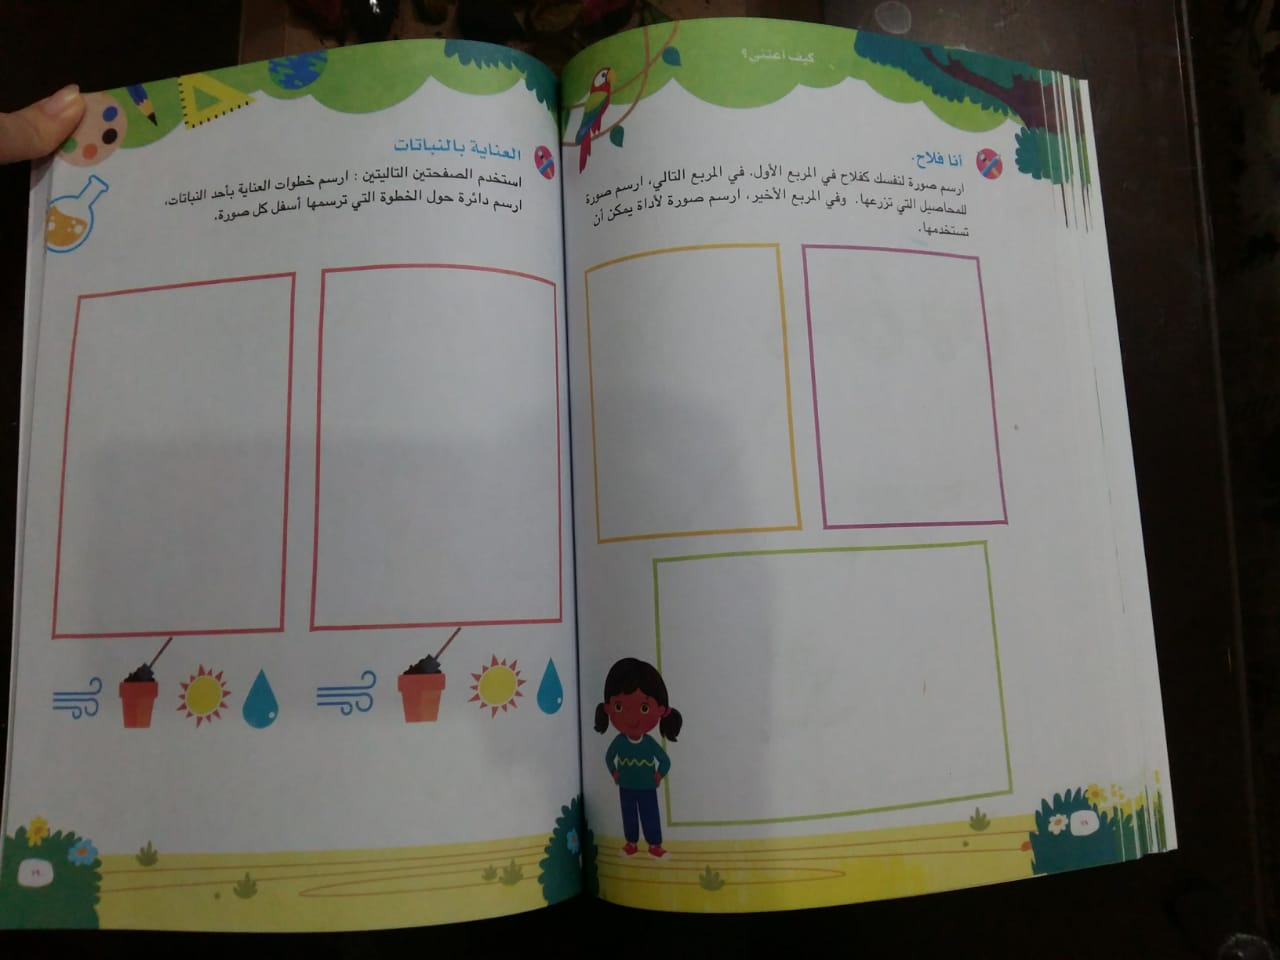 منهج رياض الأطفال الجديد (21)